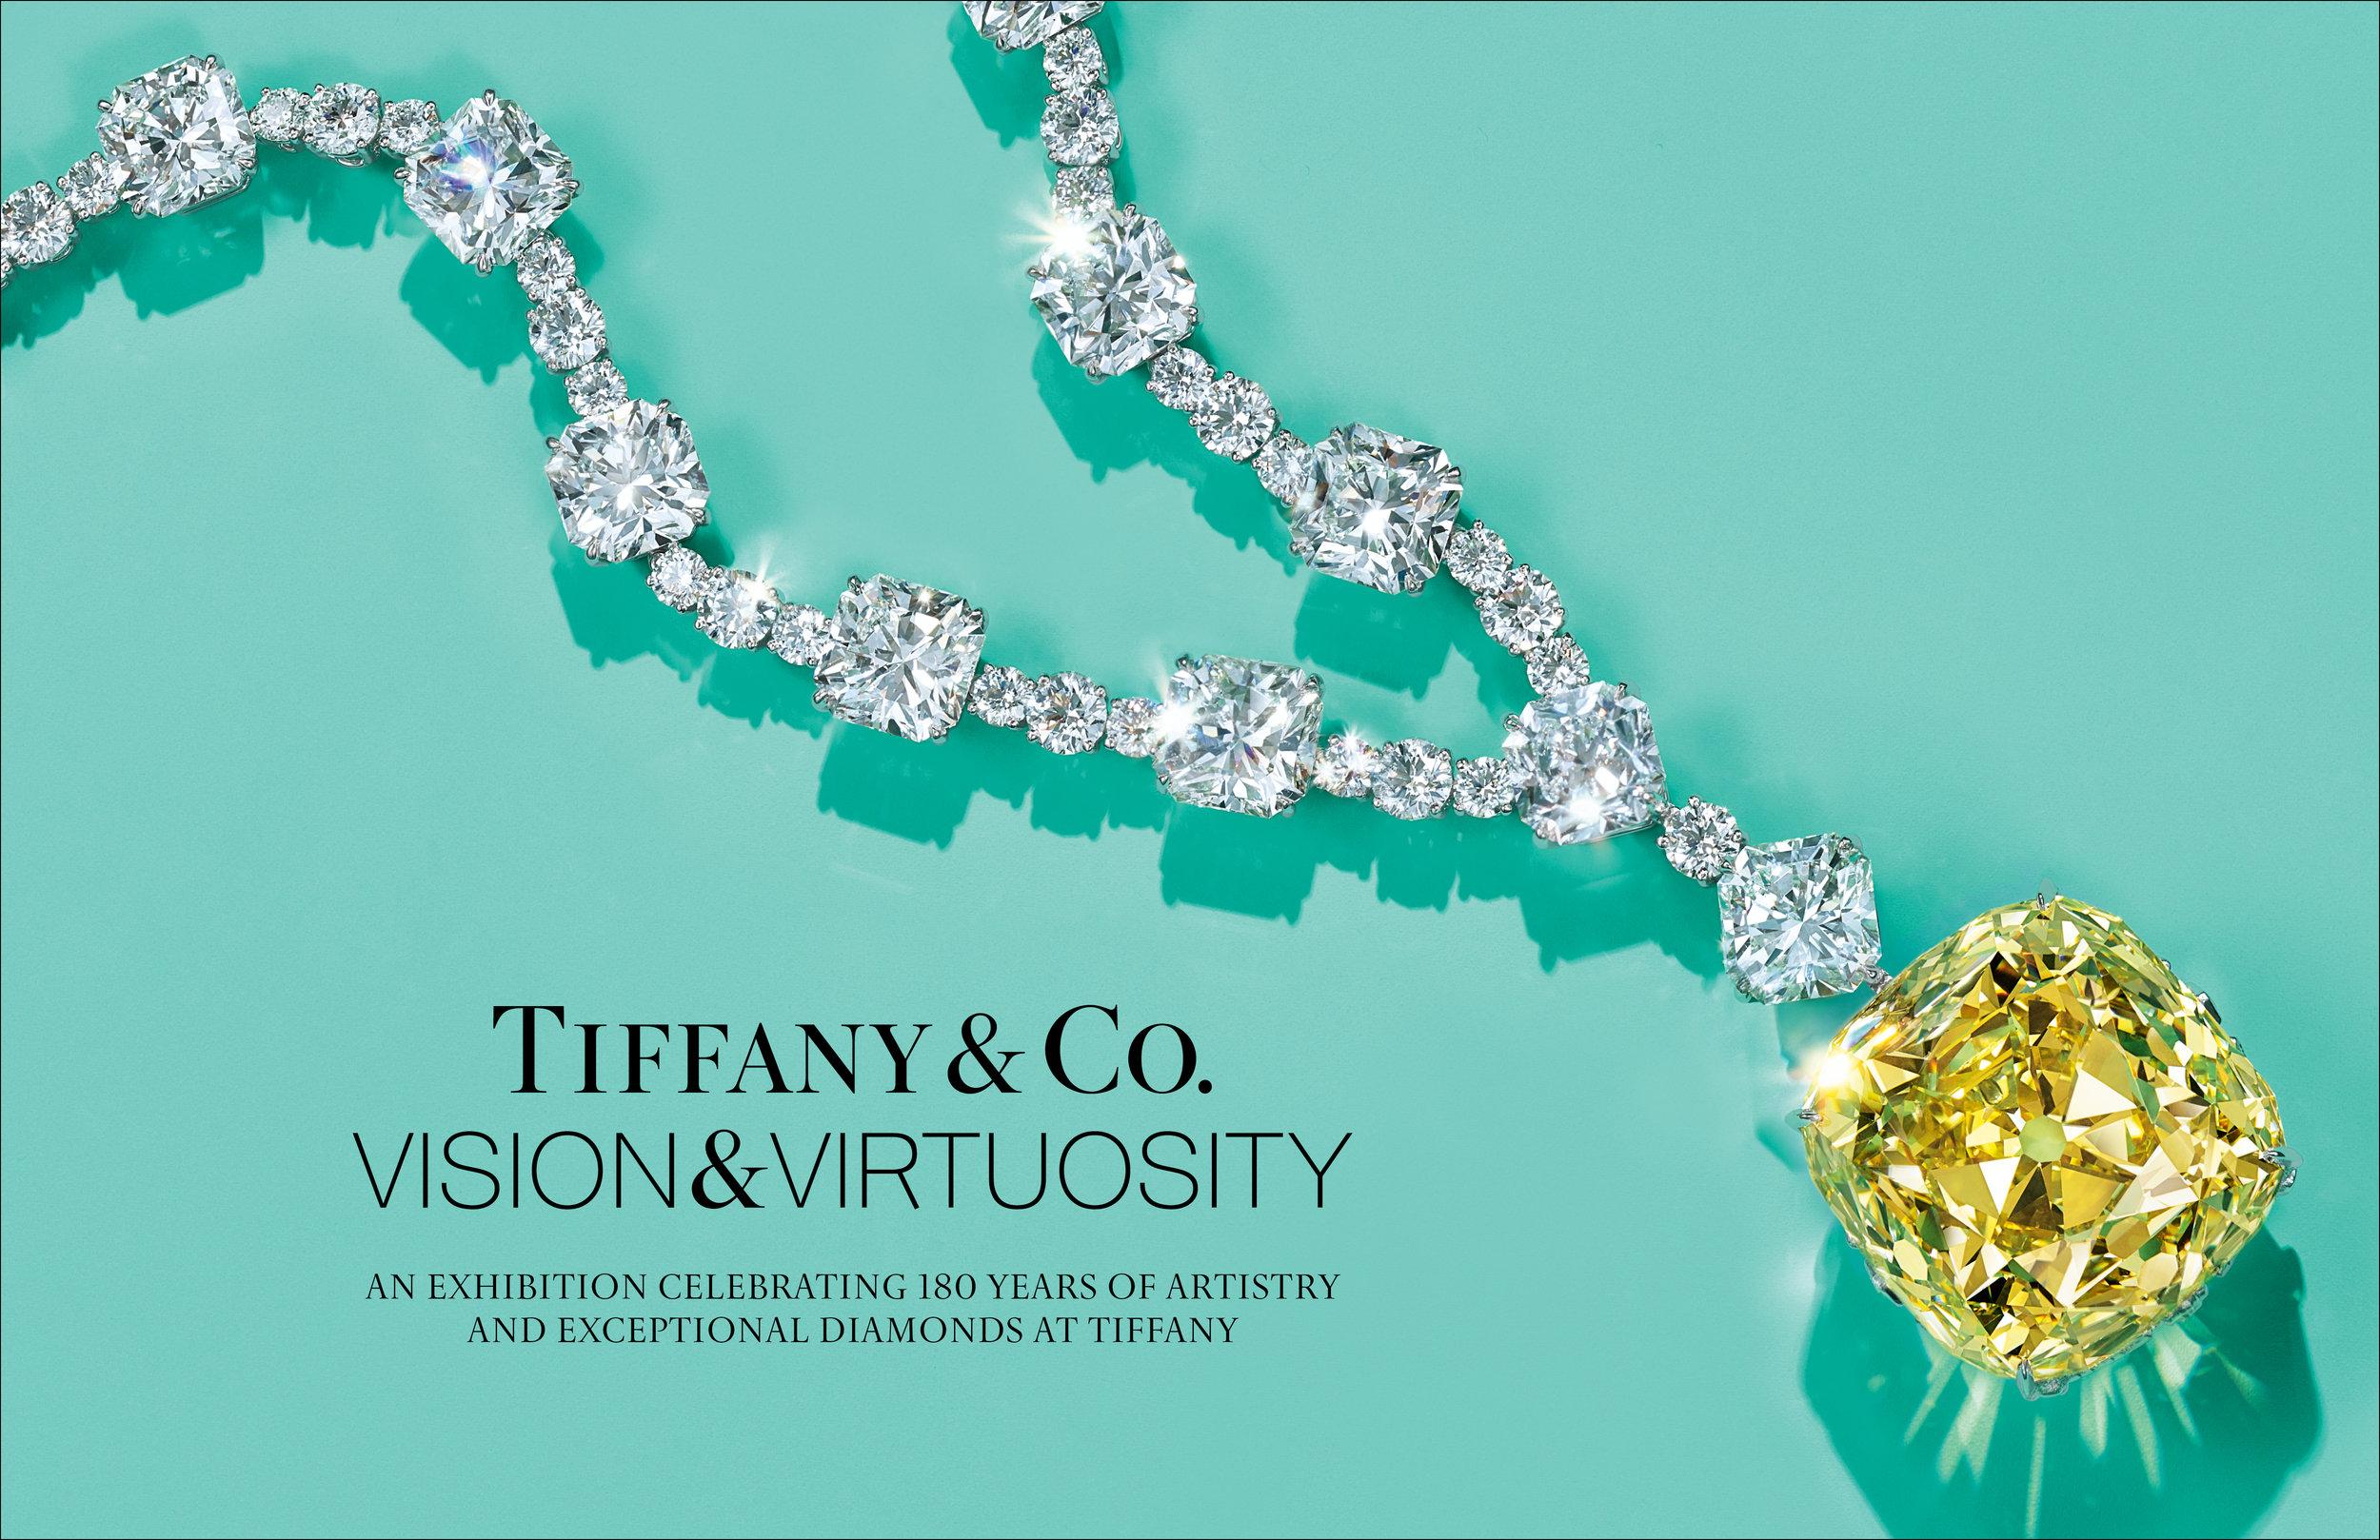 Courtesy of Tiffany & Co